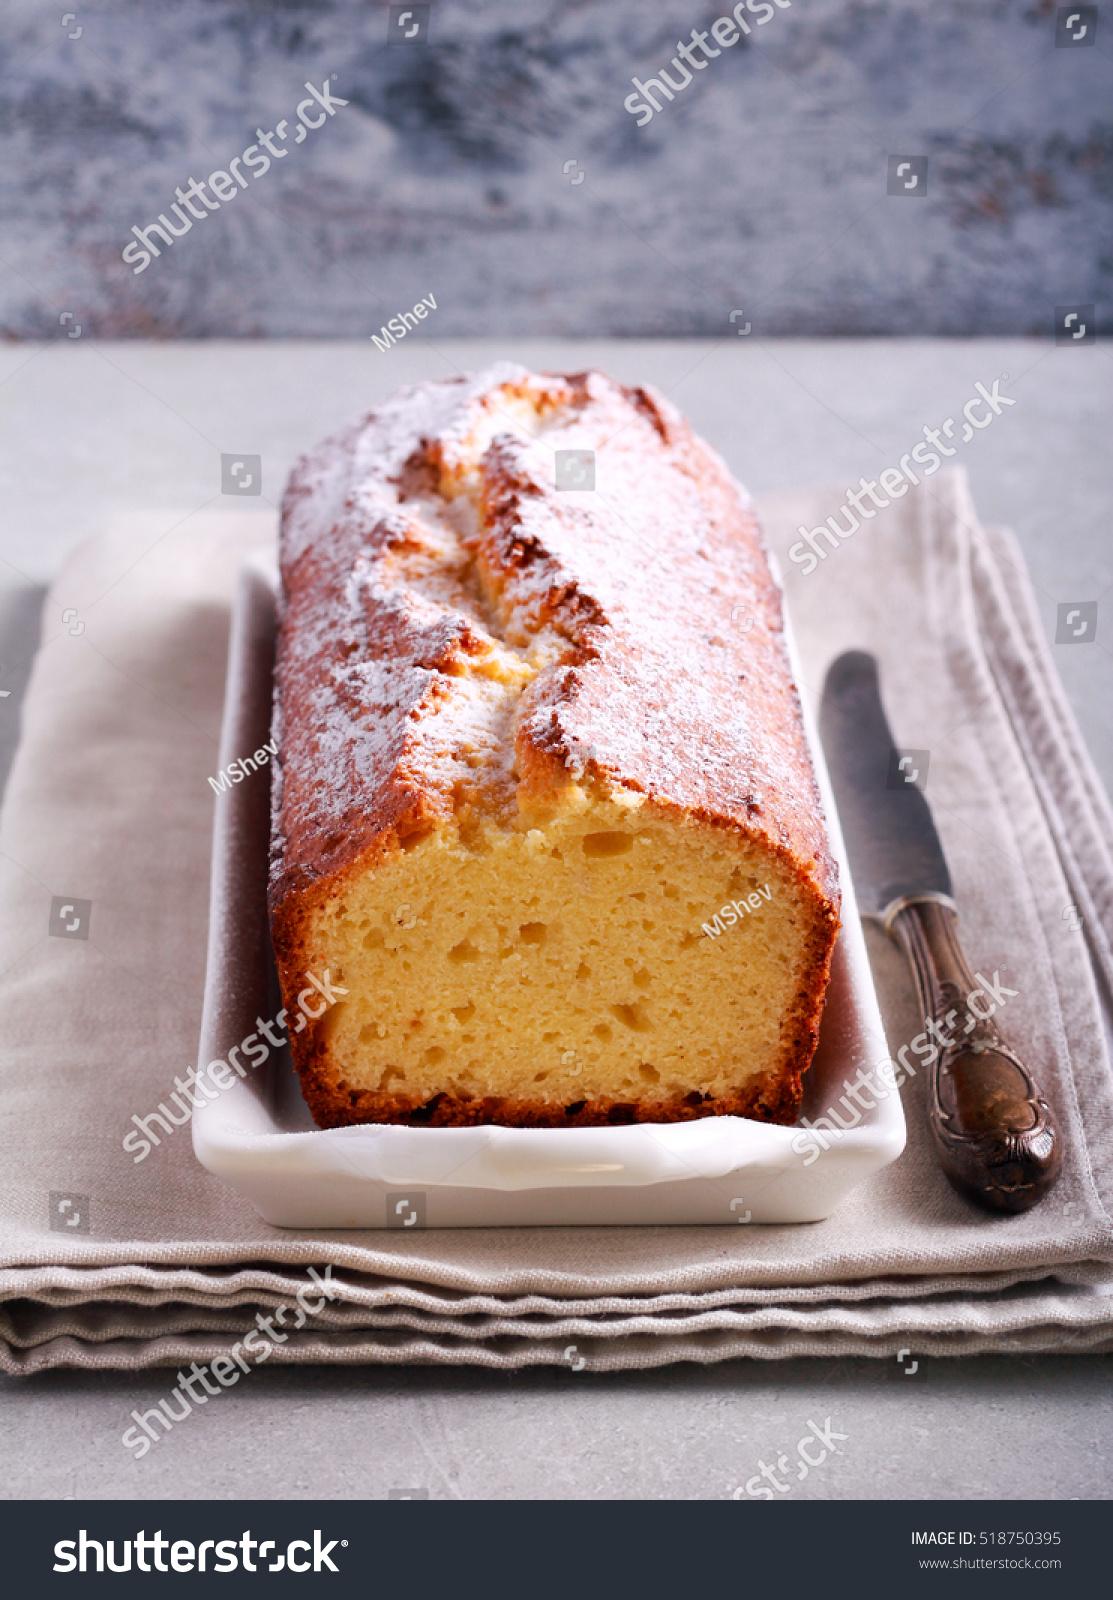 Clear Glaze Recipe For Pound Cake